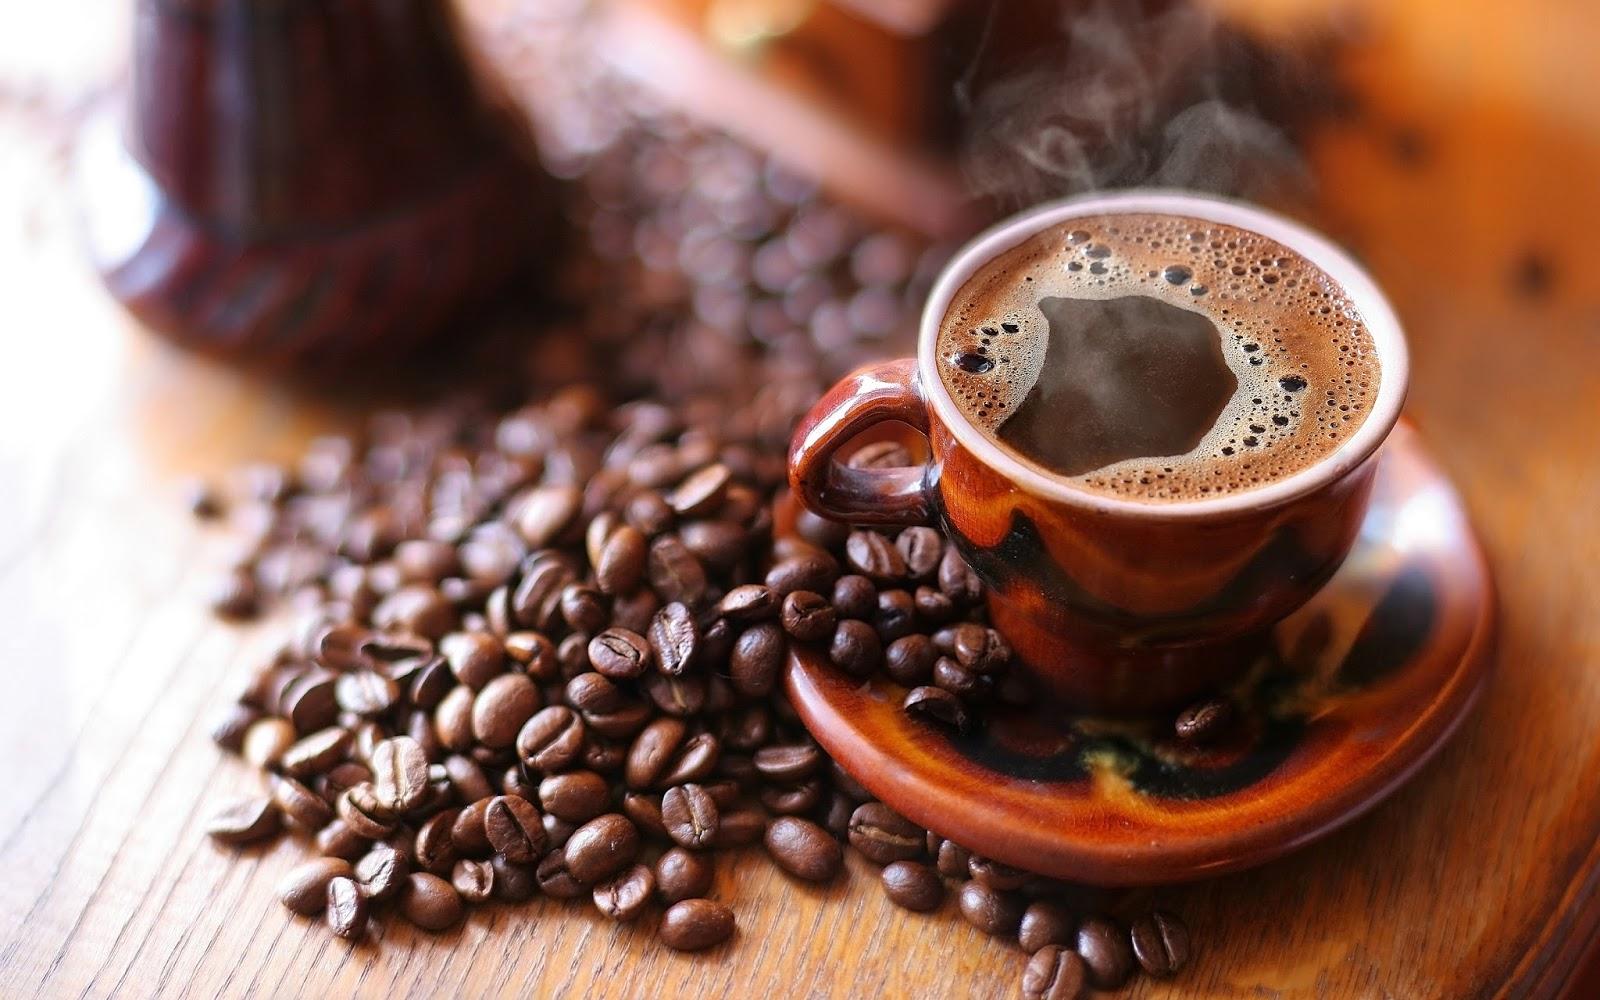 Cà phê rang xay sạch đang rất được nhiều người ưa chuộng